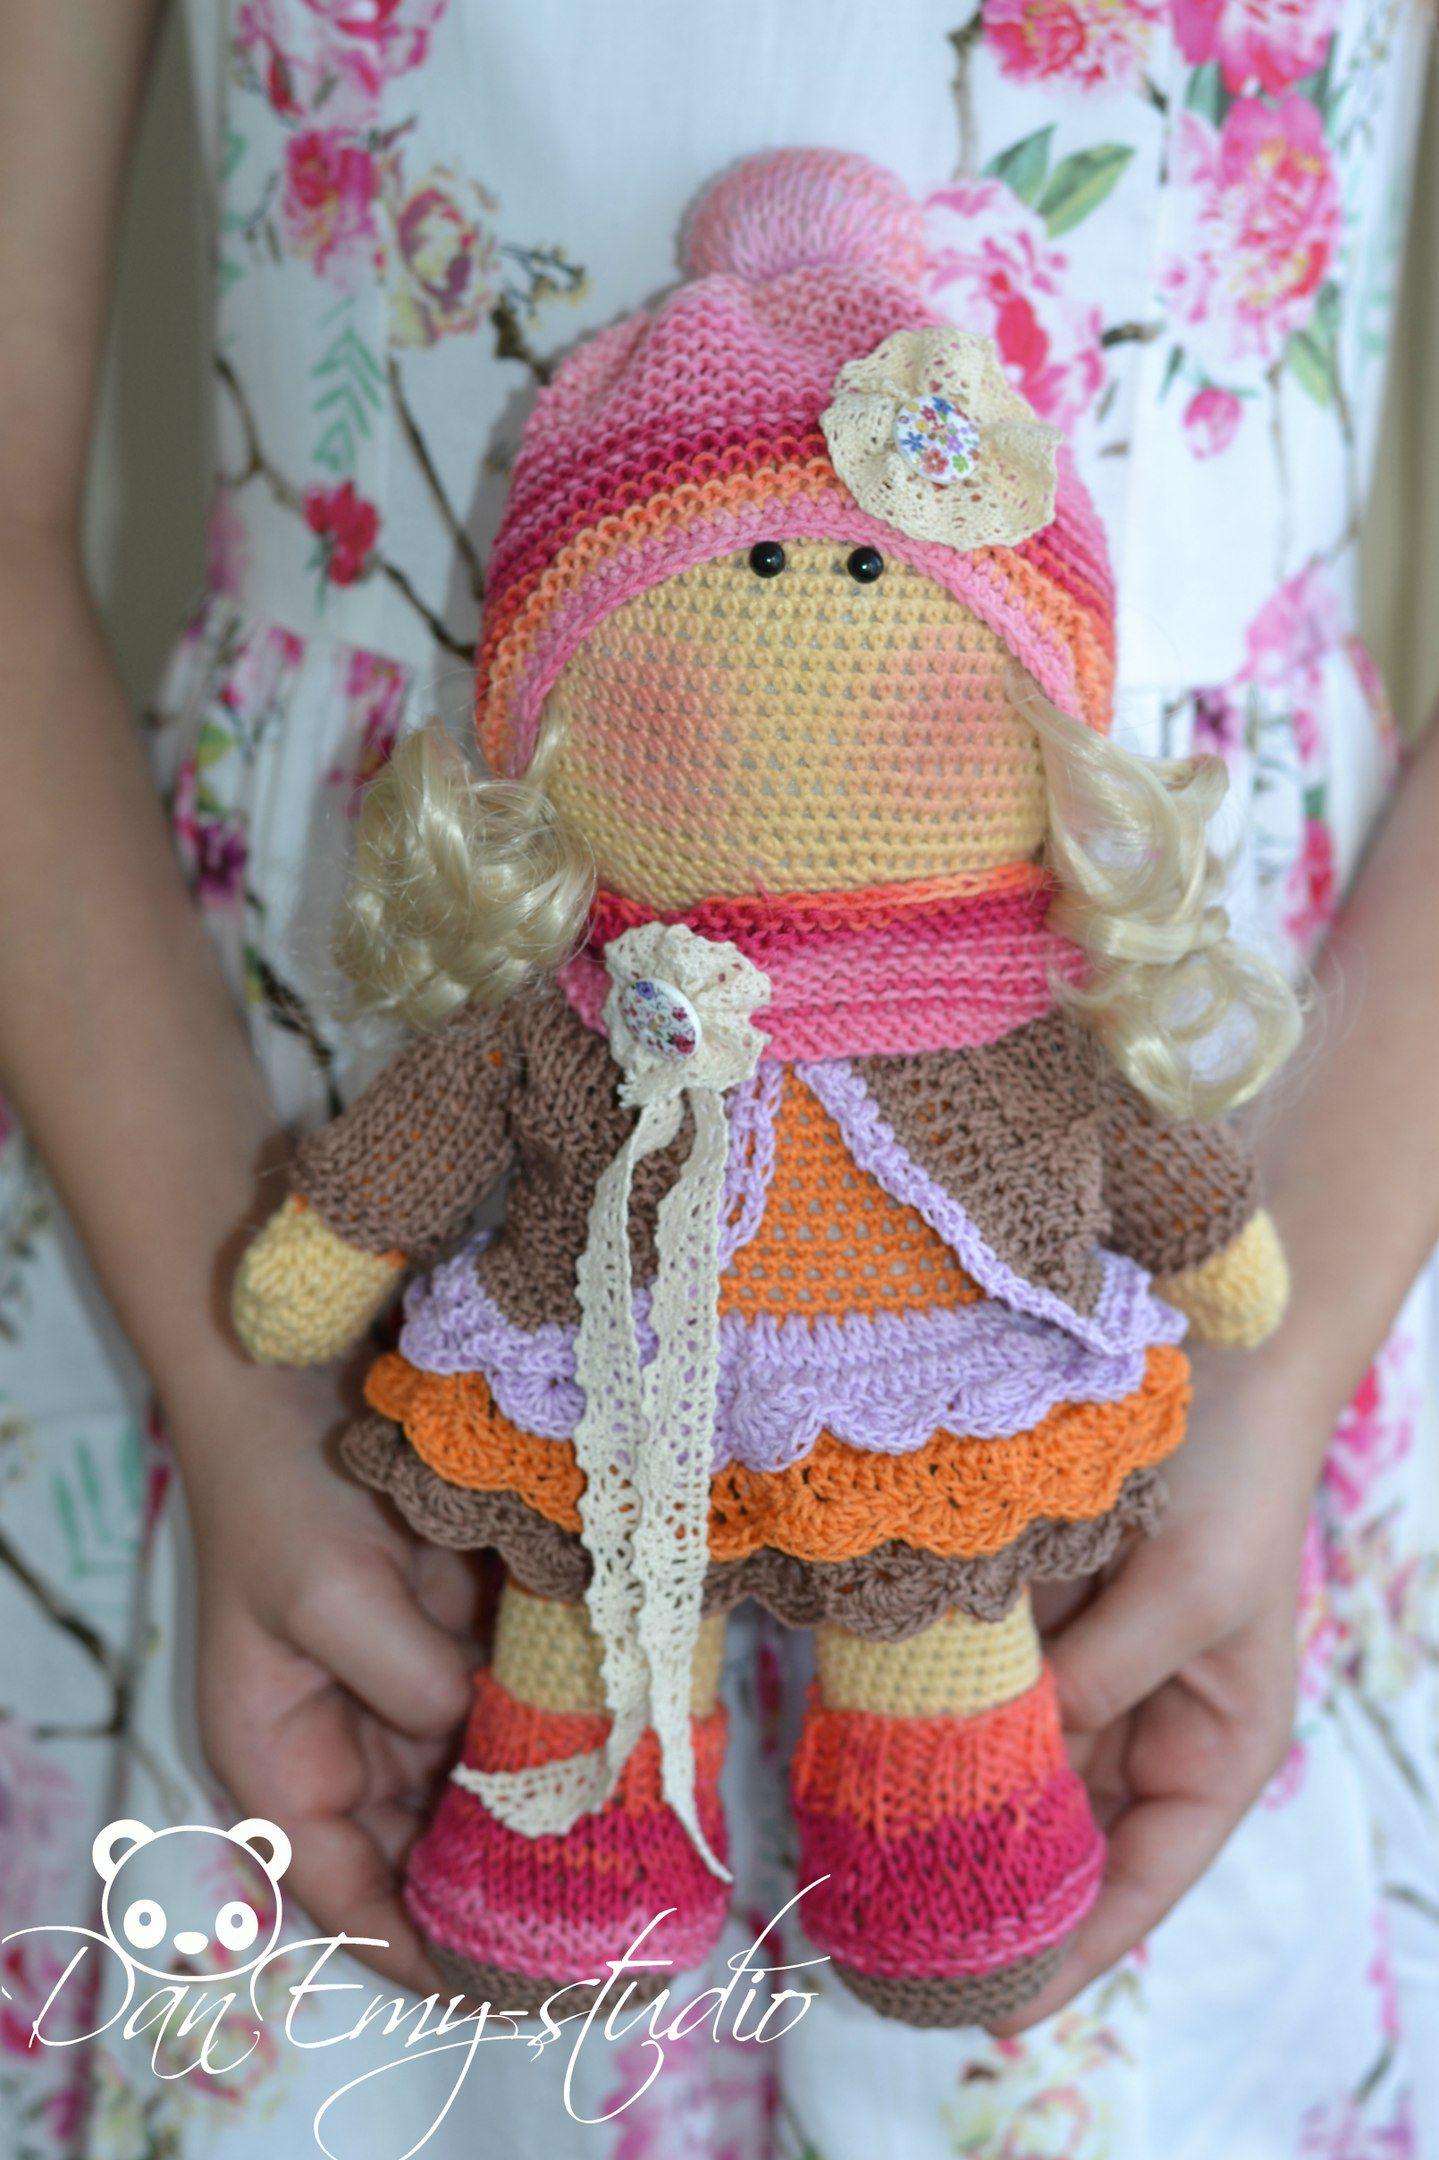 dolls кукла куклавподарок кукларучнойработы кукладлядуши интерьернаякукла